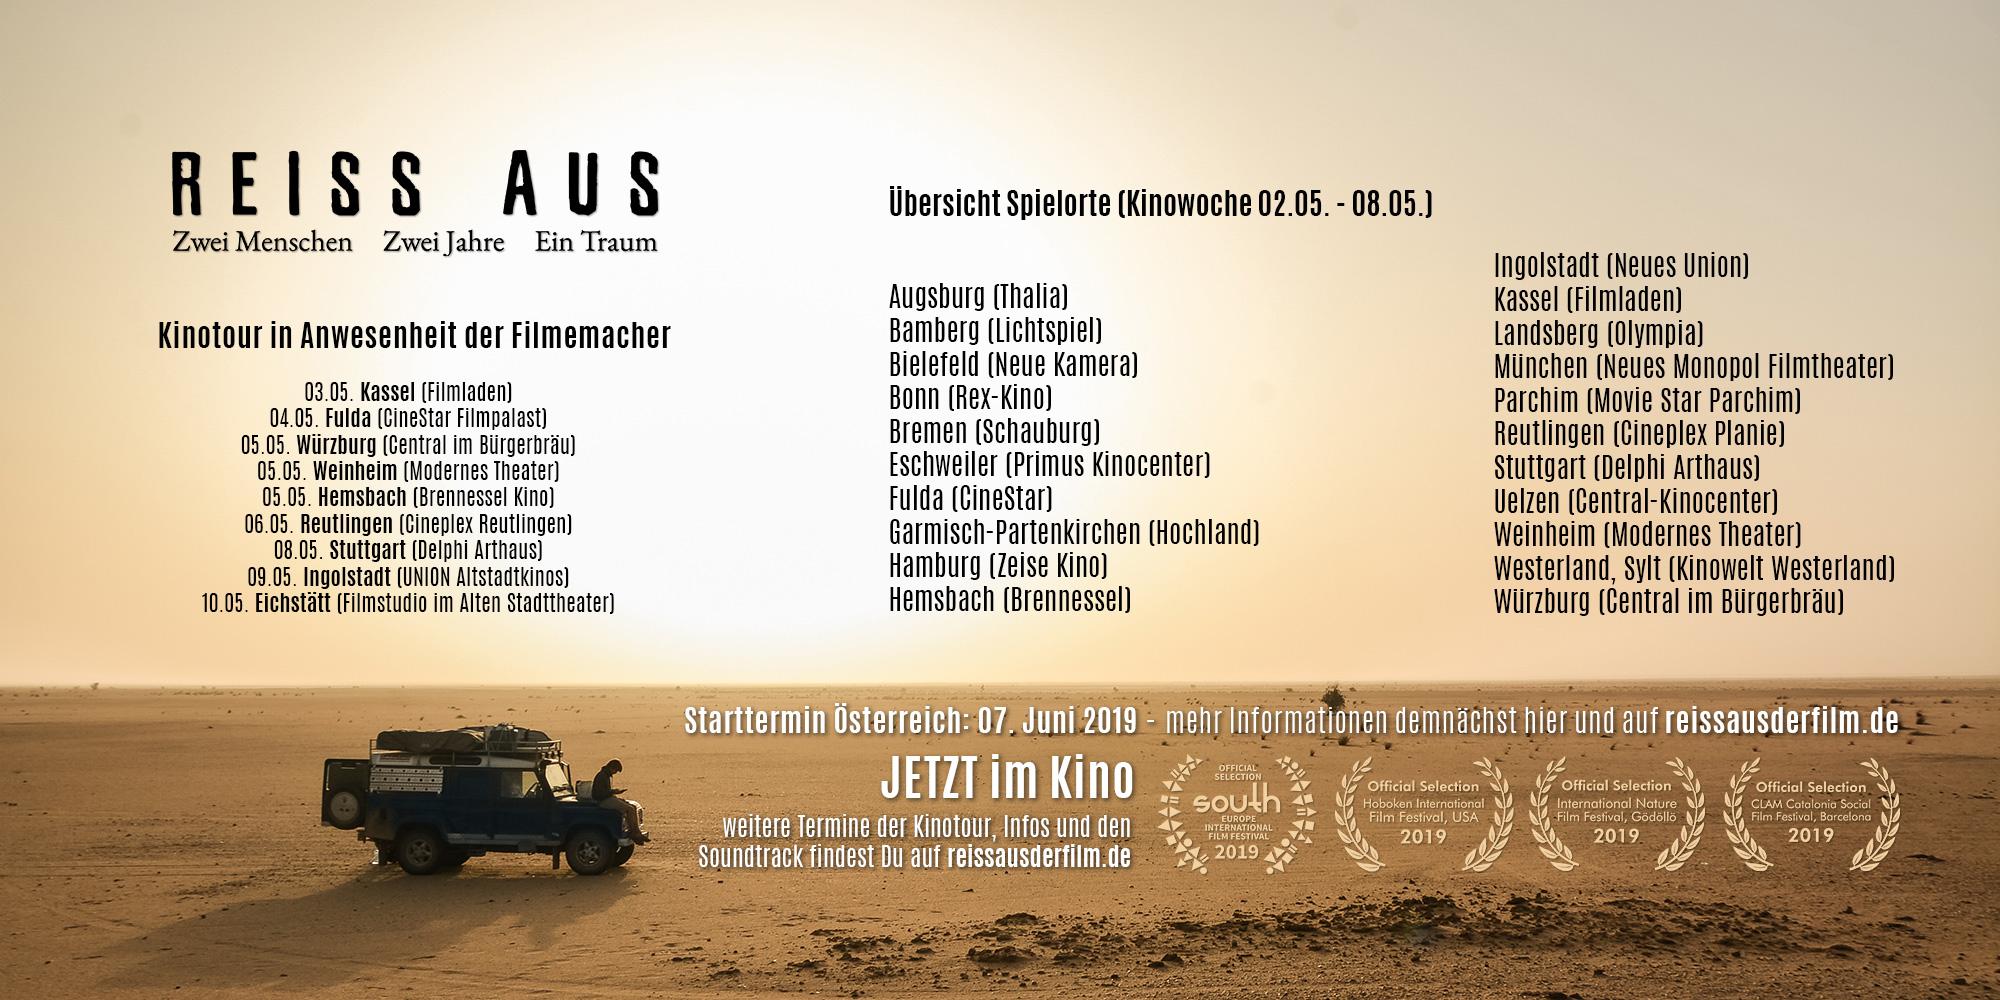 REISS AUS Spielorte und Termine Kinowoche 8 (02.05. - 08.05.)